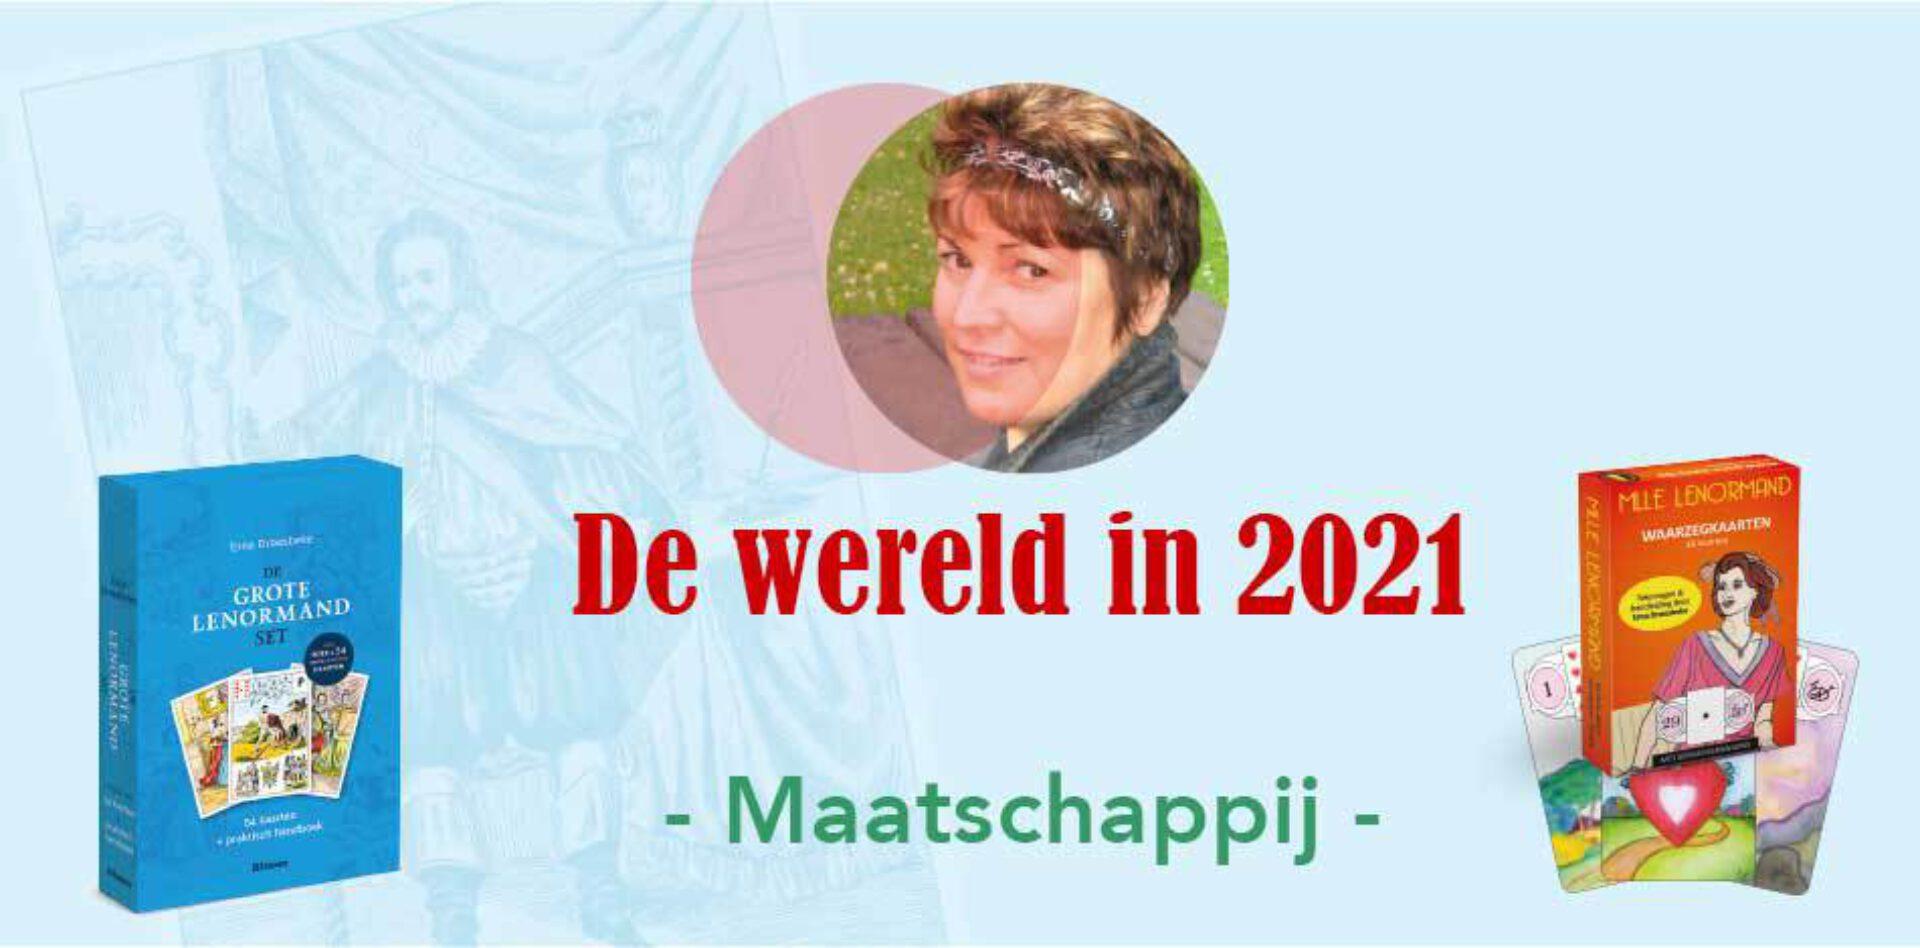 De wereld in 2021 volgens de Lenormand - Maatschappij